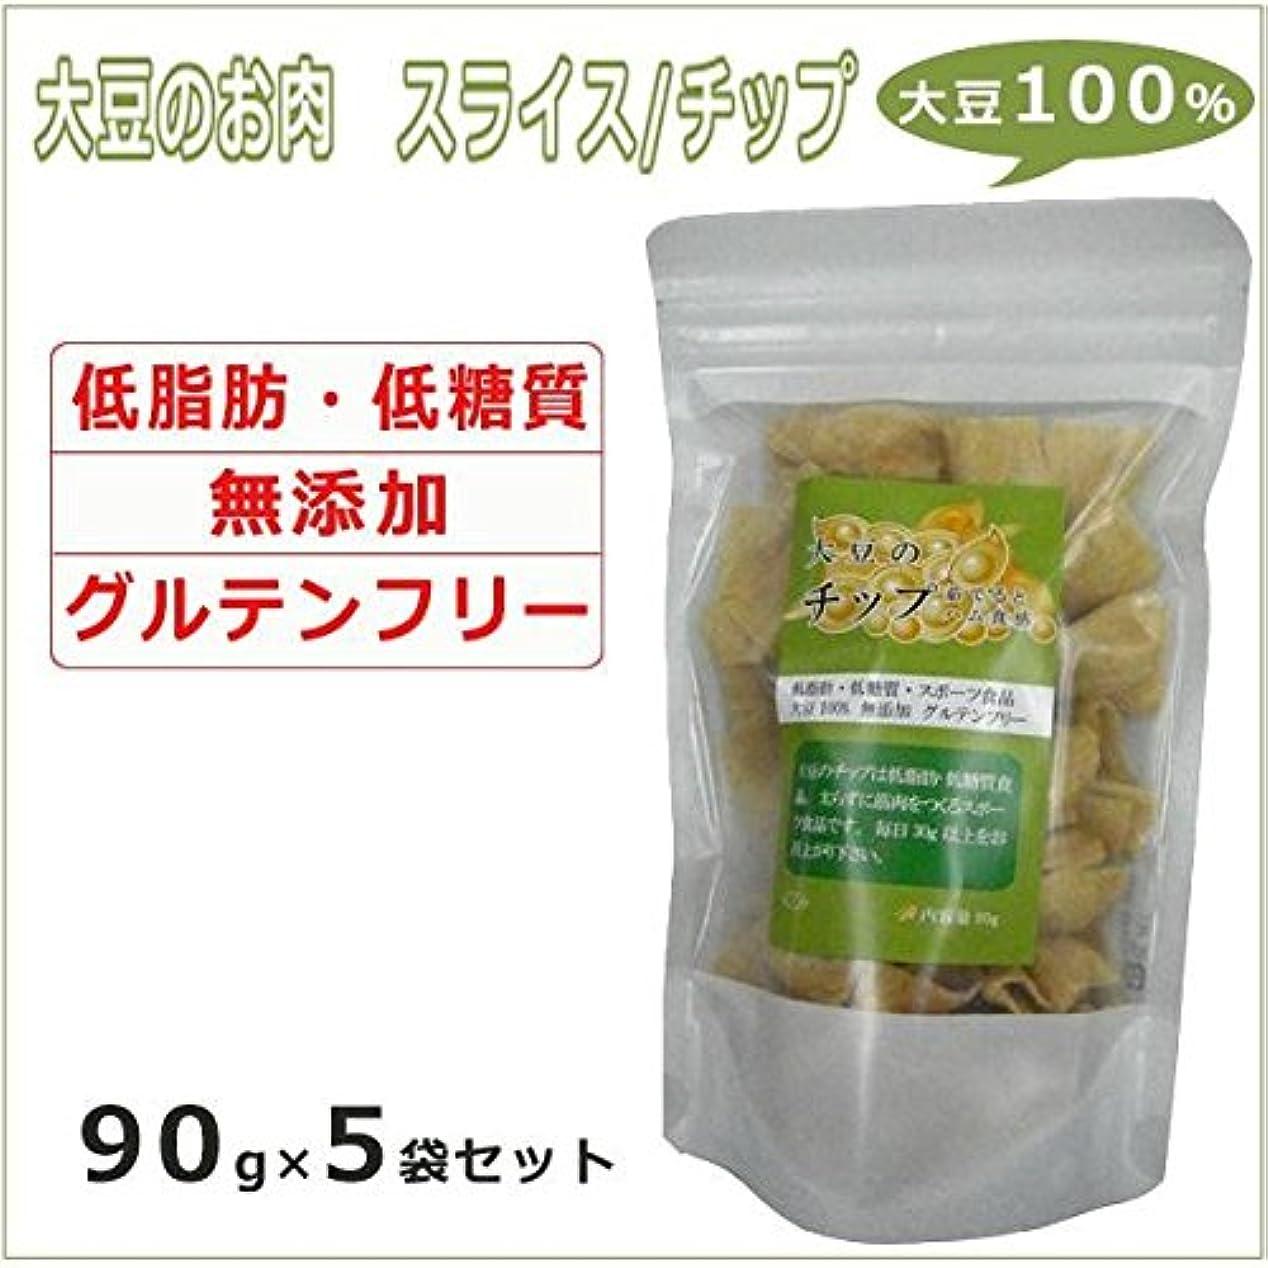 ソファー帳面説得大豆のお肉 ソイミート スライス/チップ 90g×5袋